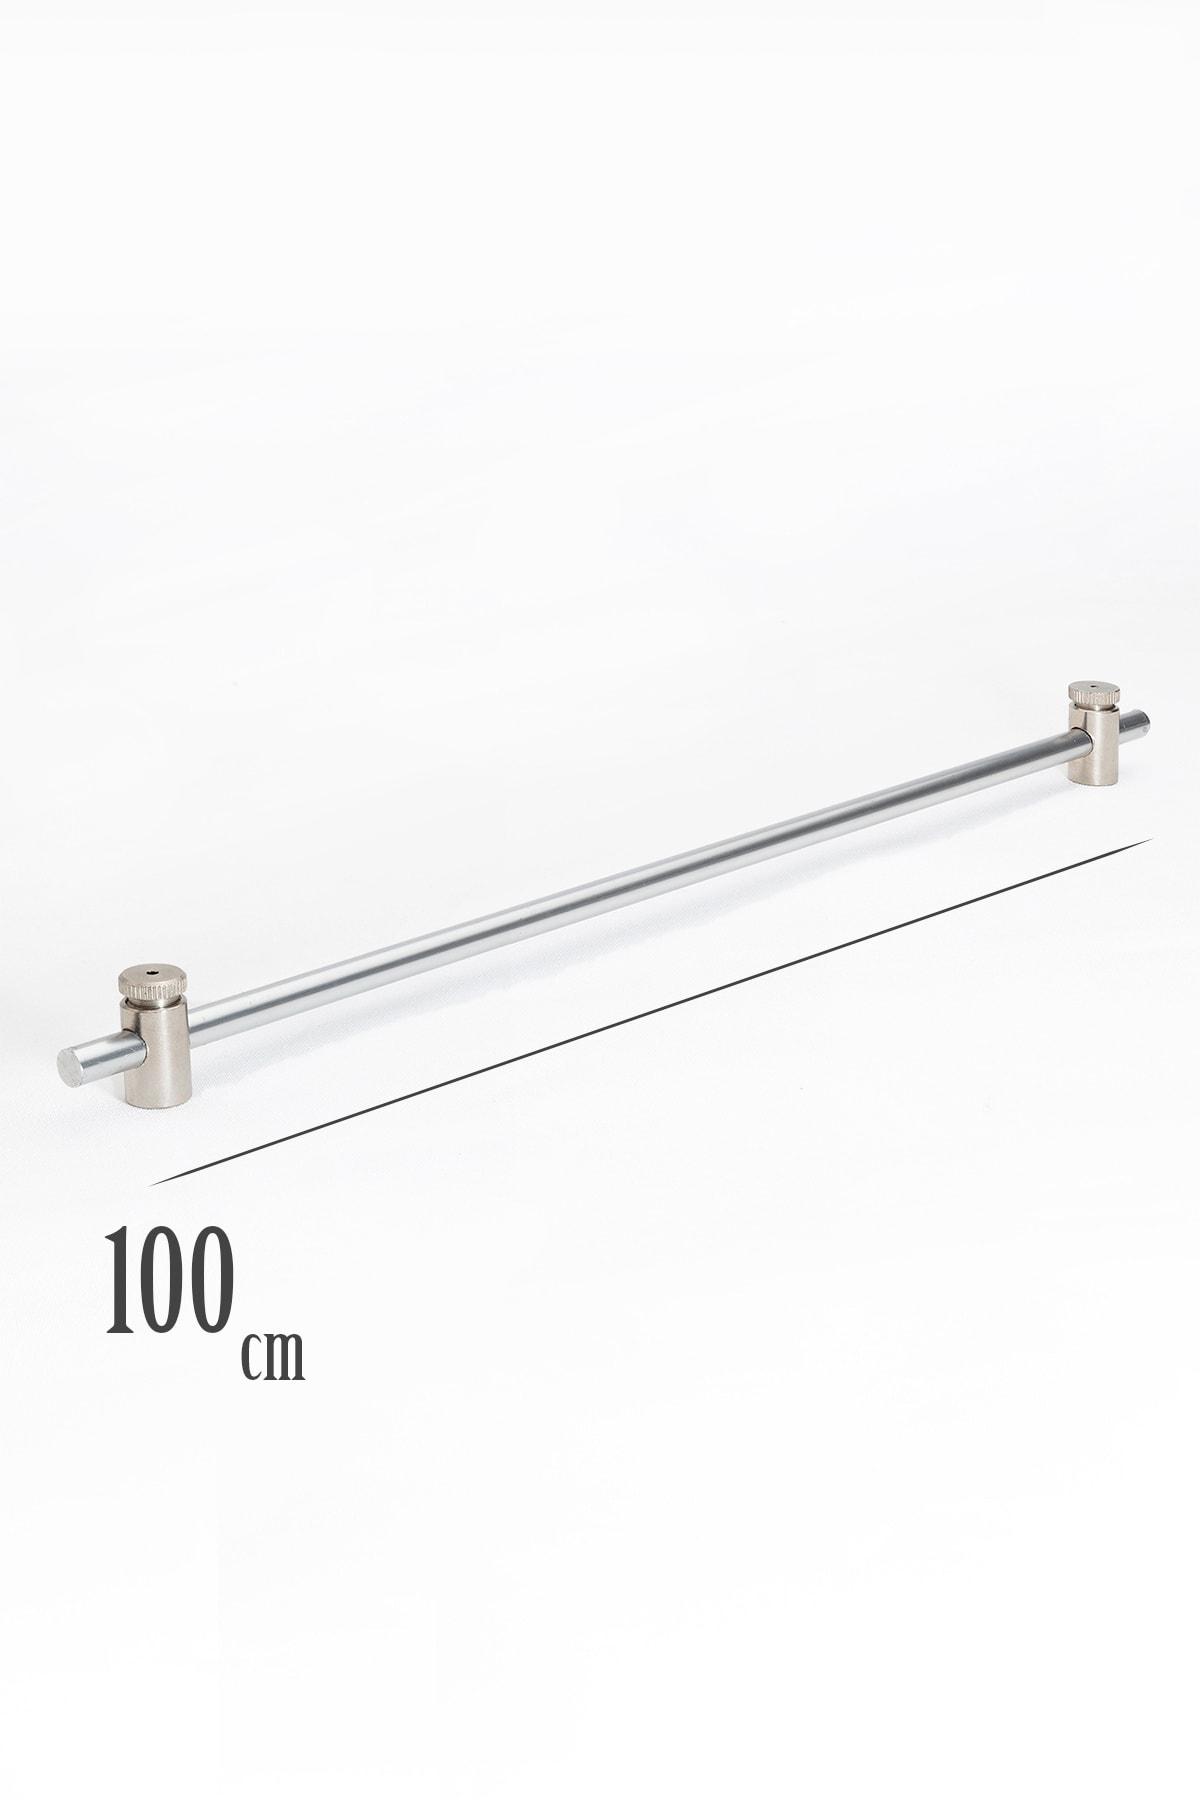 100 Cm Metalik Gri Rustik 1 Adet Briz Çubuk 2 Adet Başlık